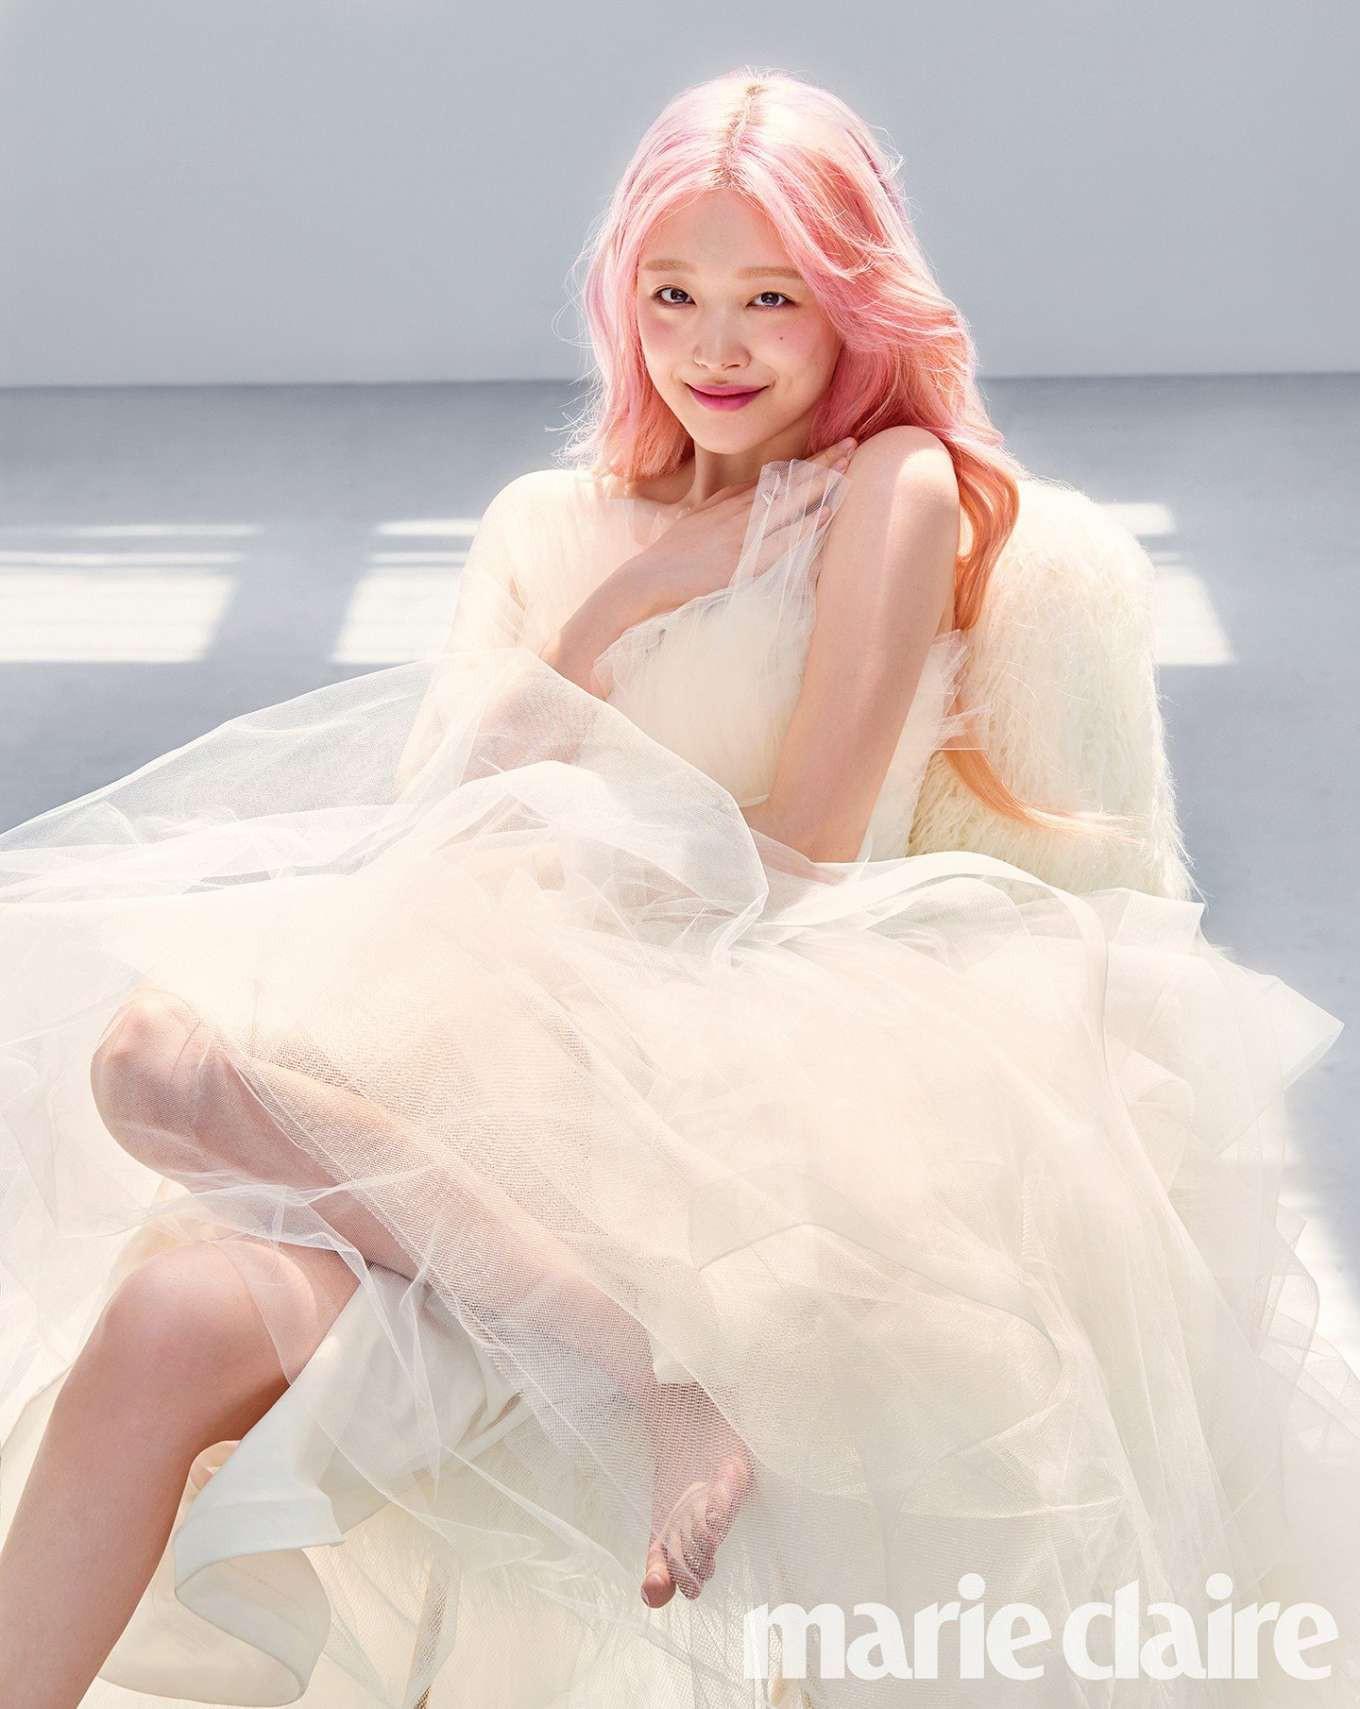 Trầm cảm - Góc tối đau đớn sau ánh hào quang của nghệ sĩ Hàn - Ảnh 1.